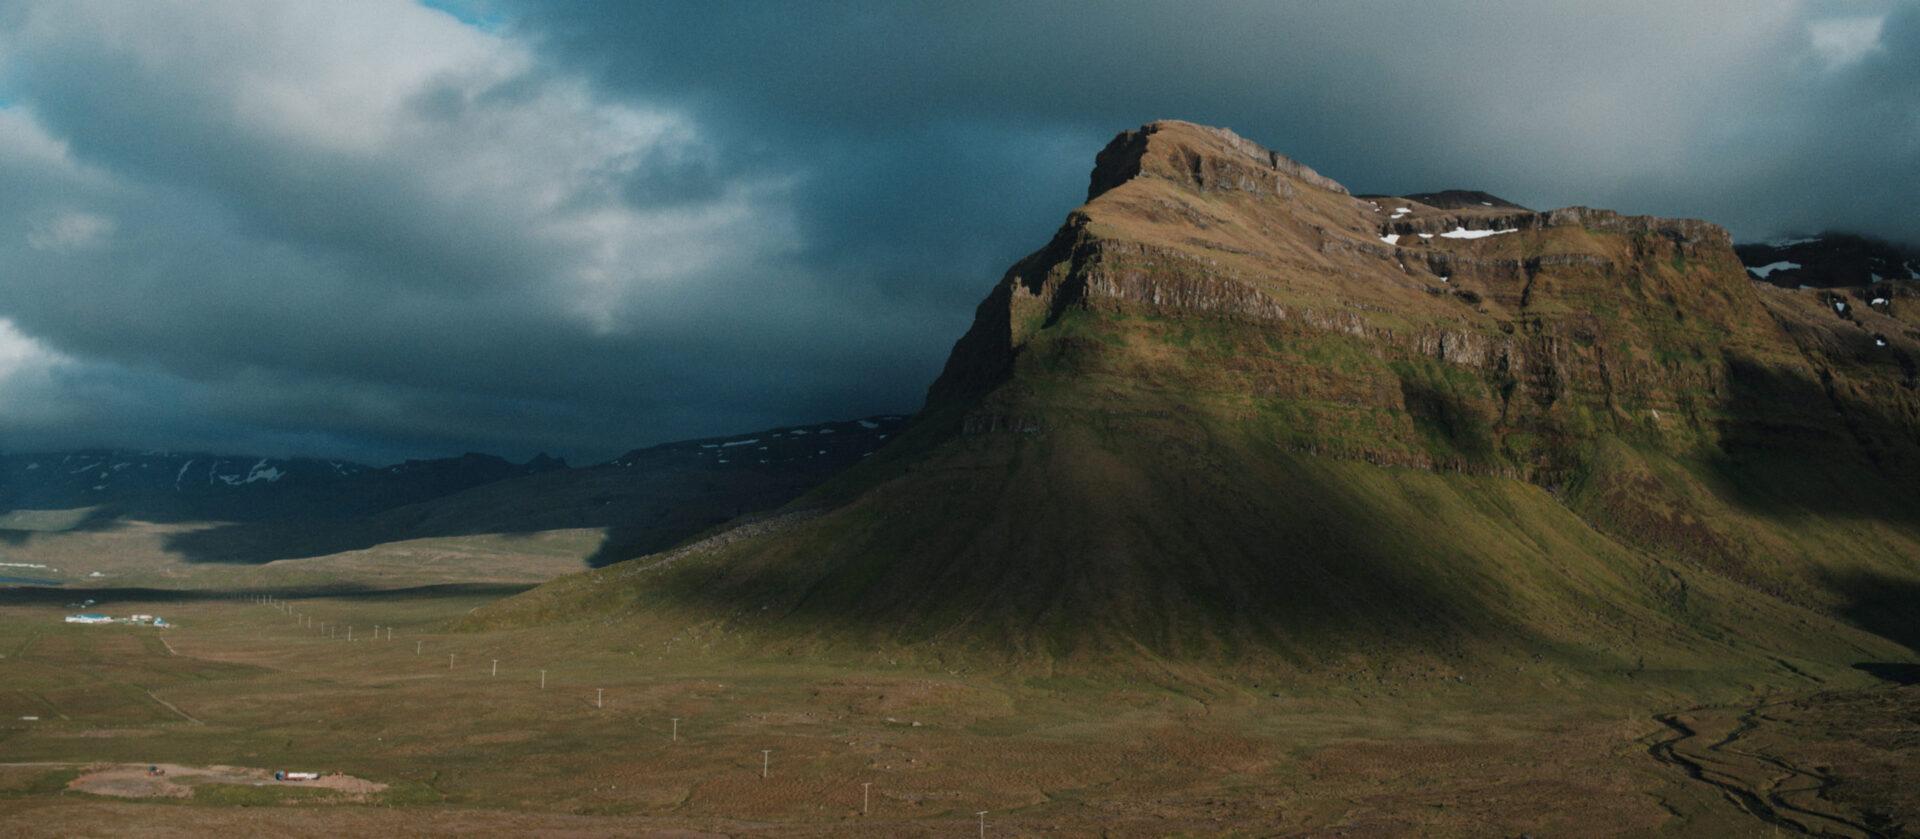 Vast landscapes of Iceland 9